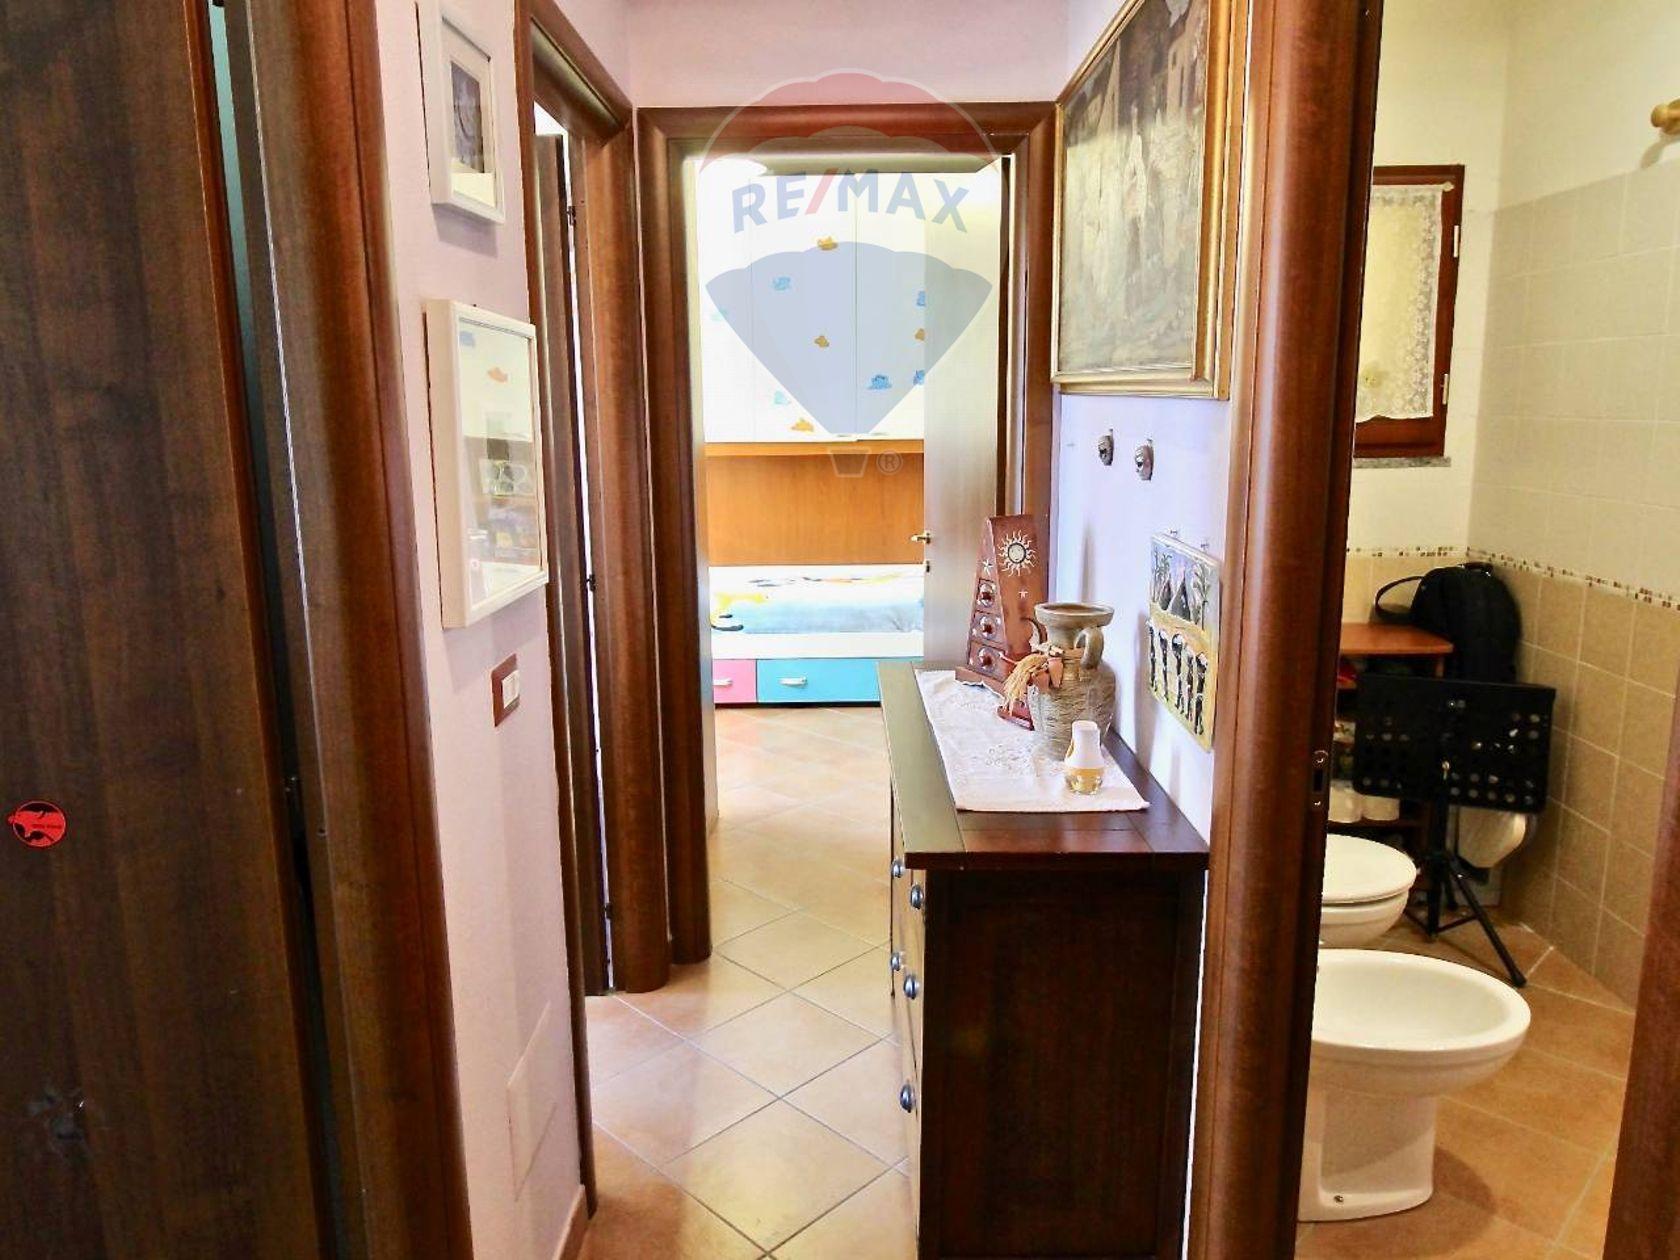 Appartamento Ss-sassari 2, Sassari, SS Vendita - Foto 29